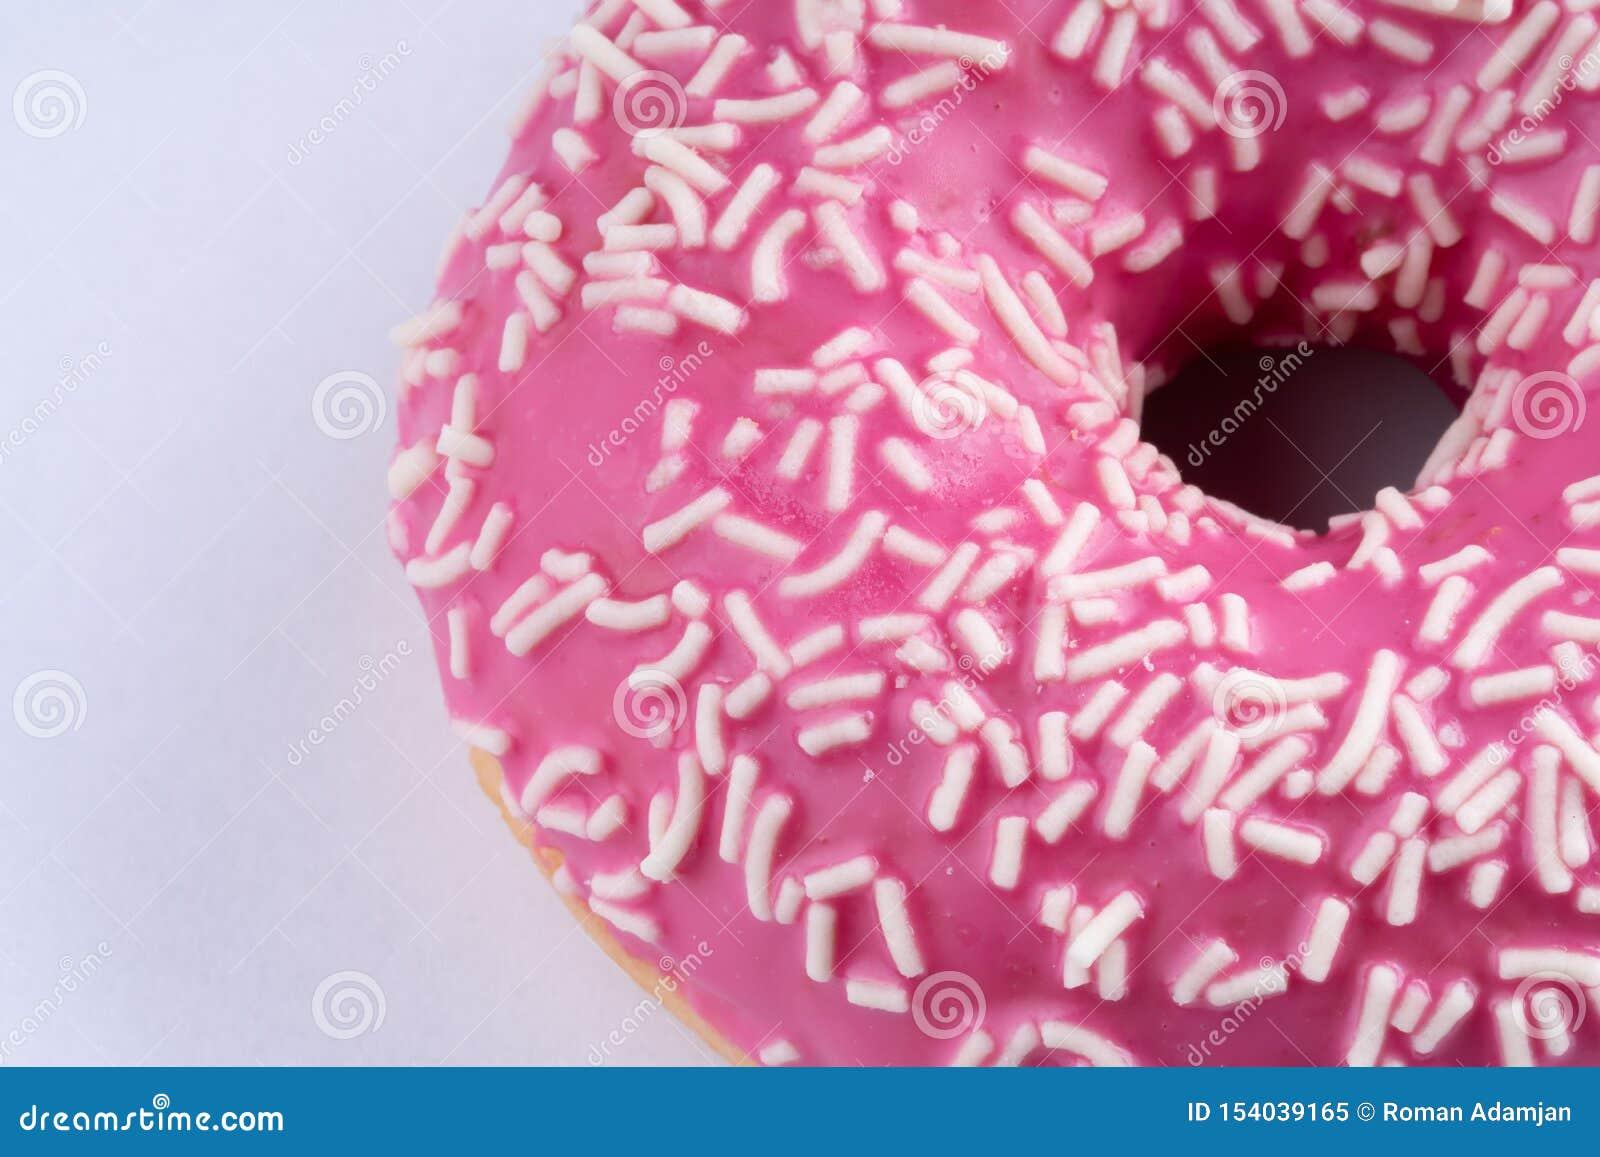 De roze doughnut op witte achtergrond, sluit omhoog macro